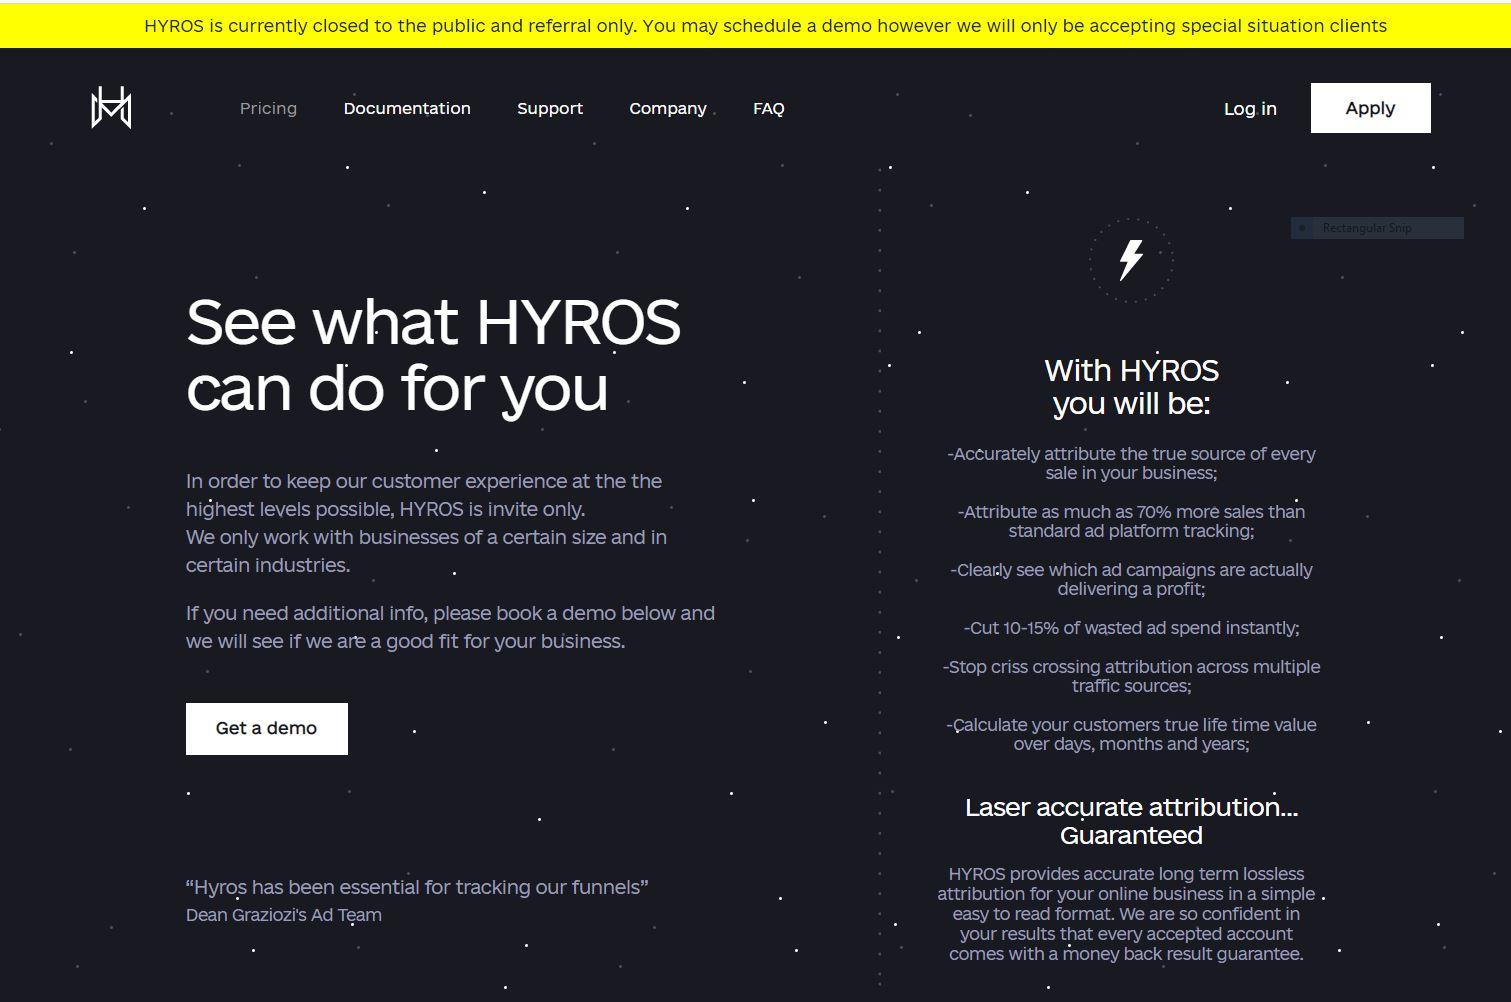 Hyros-is-closed